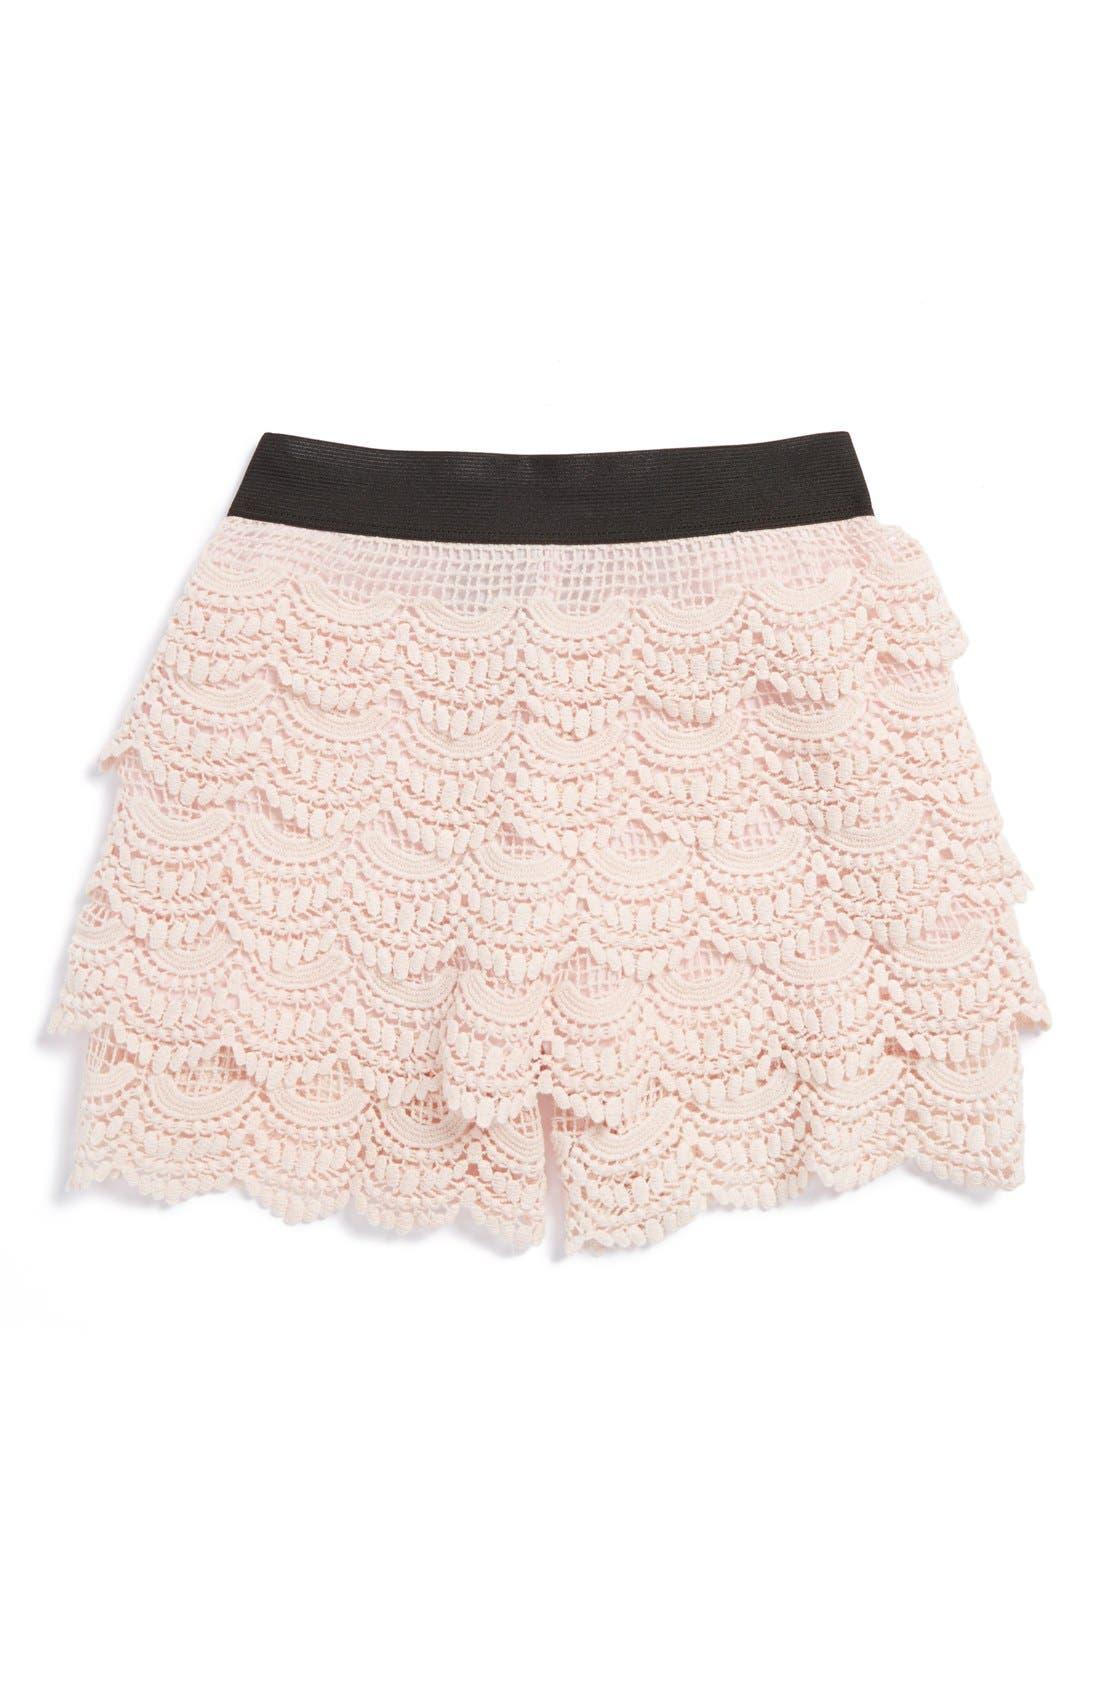 Alternate Image 1 Selected - Un Deux Trois Lacy Crochet Shorts (Big Girls)